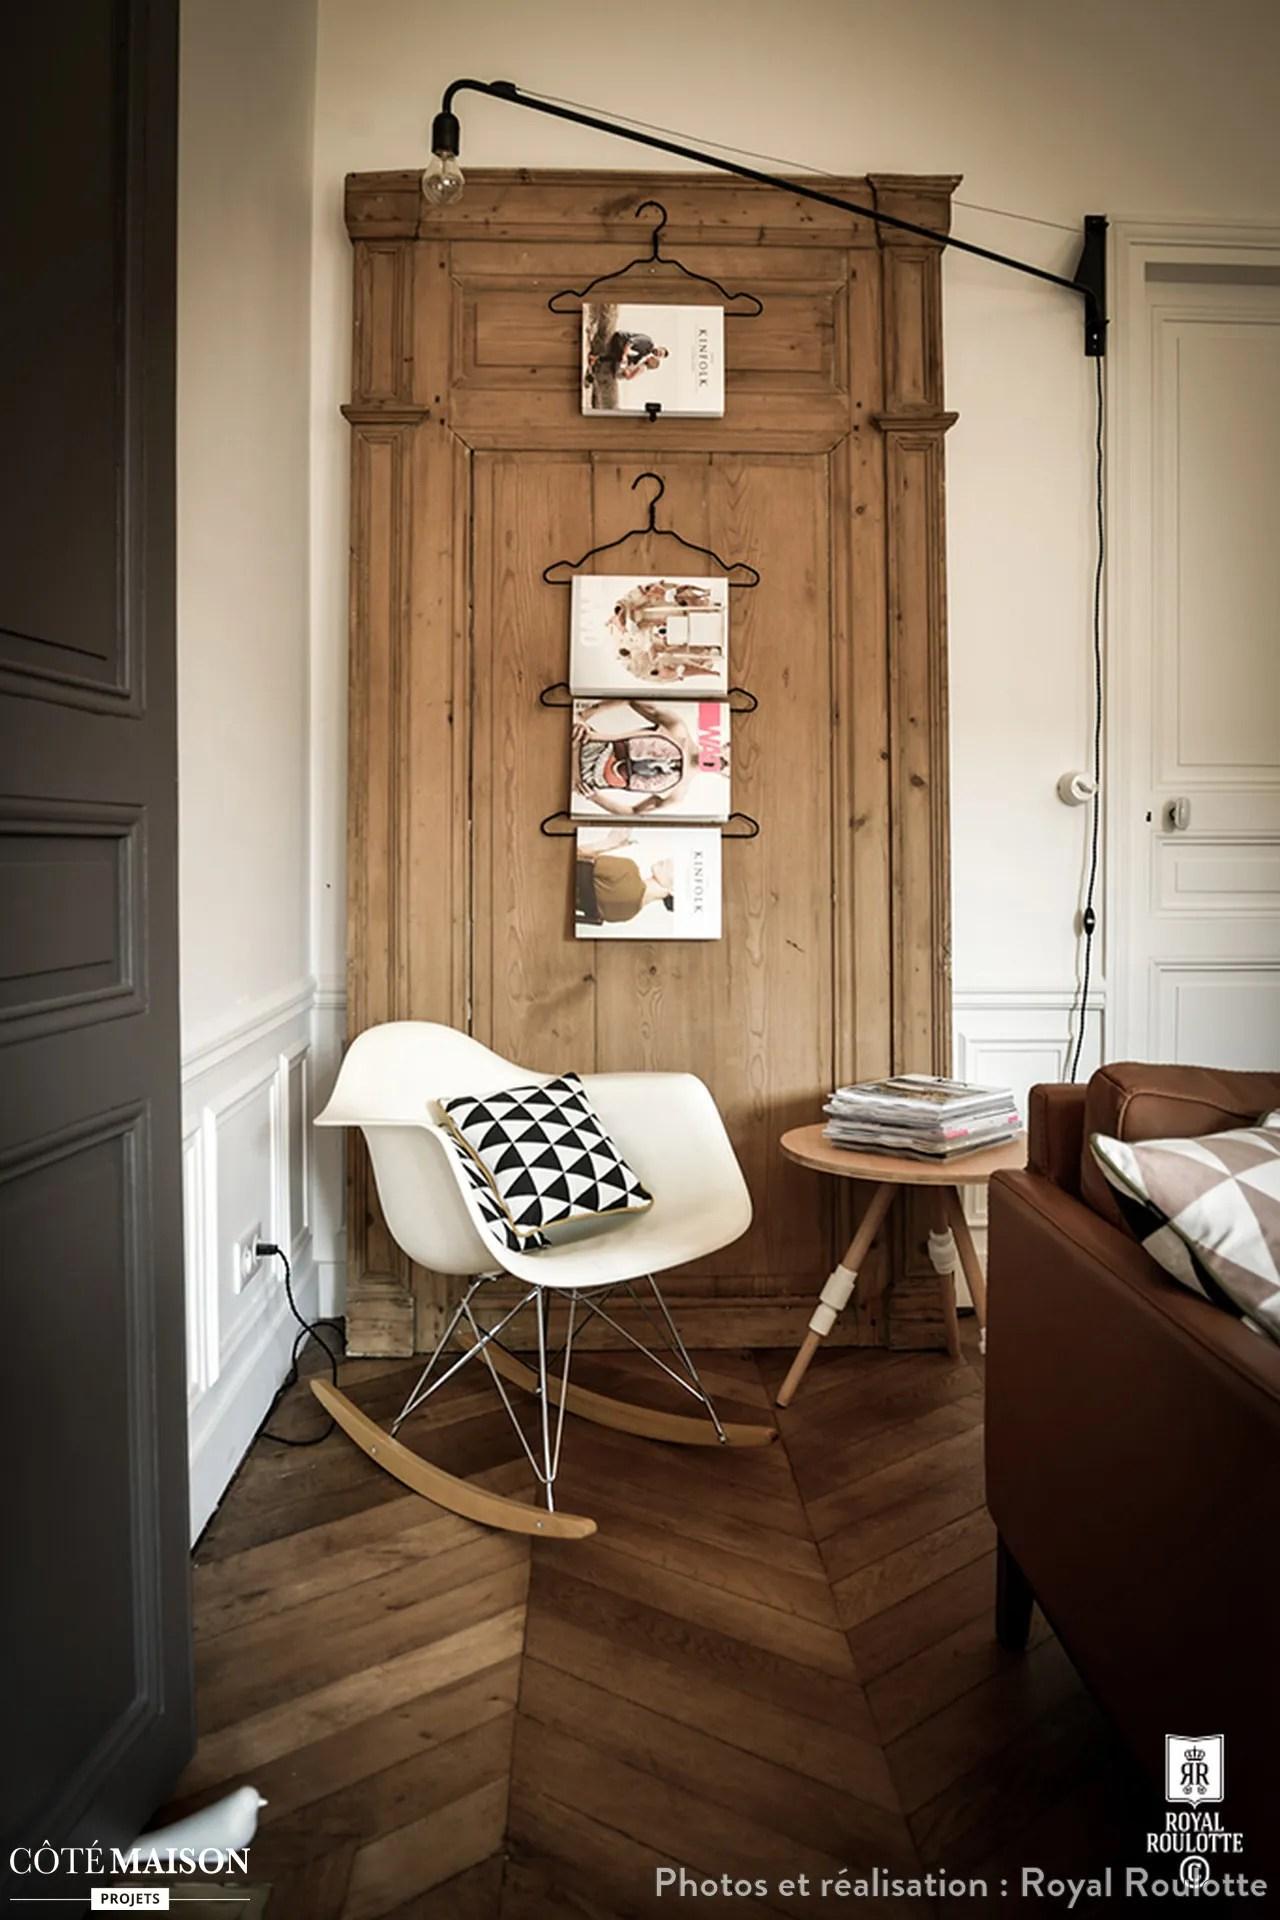 Une maison de style Mansart revisite et modernise  Royal Roulotte  Ct Maison